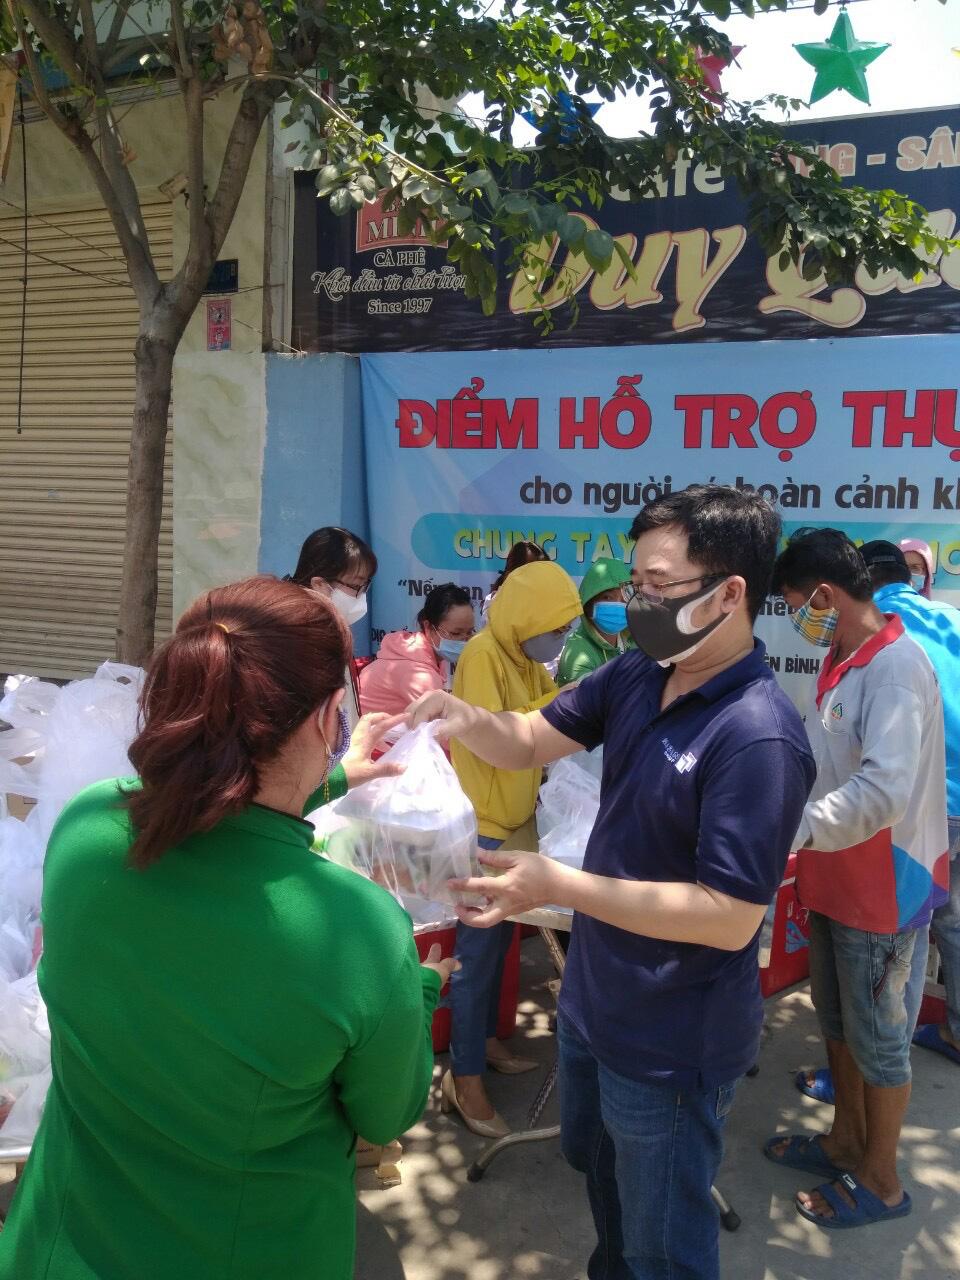 Masan Consumer trao tặng 10.000 phần quà cho công nhân các khu công nghiệp tại Tp. Hồ Chí Minh - Ảnh 2.